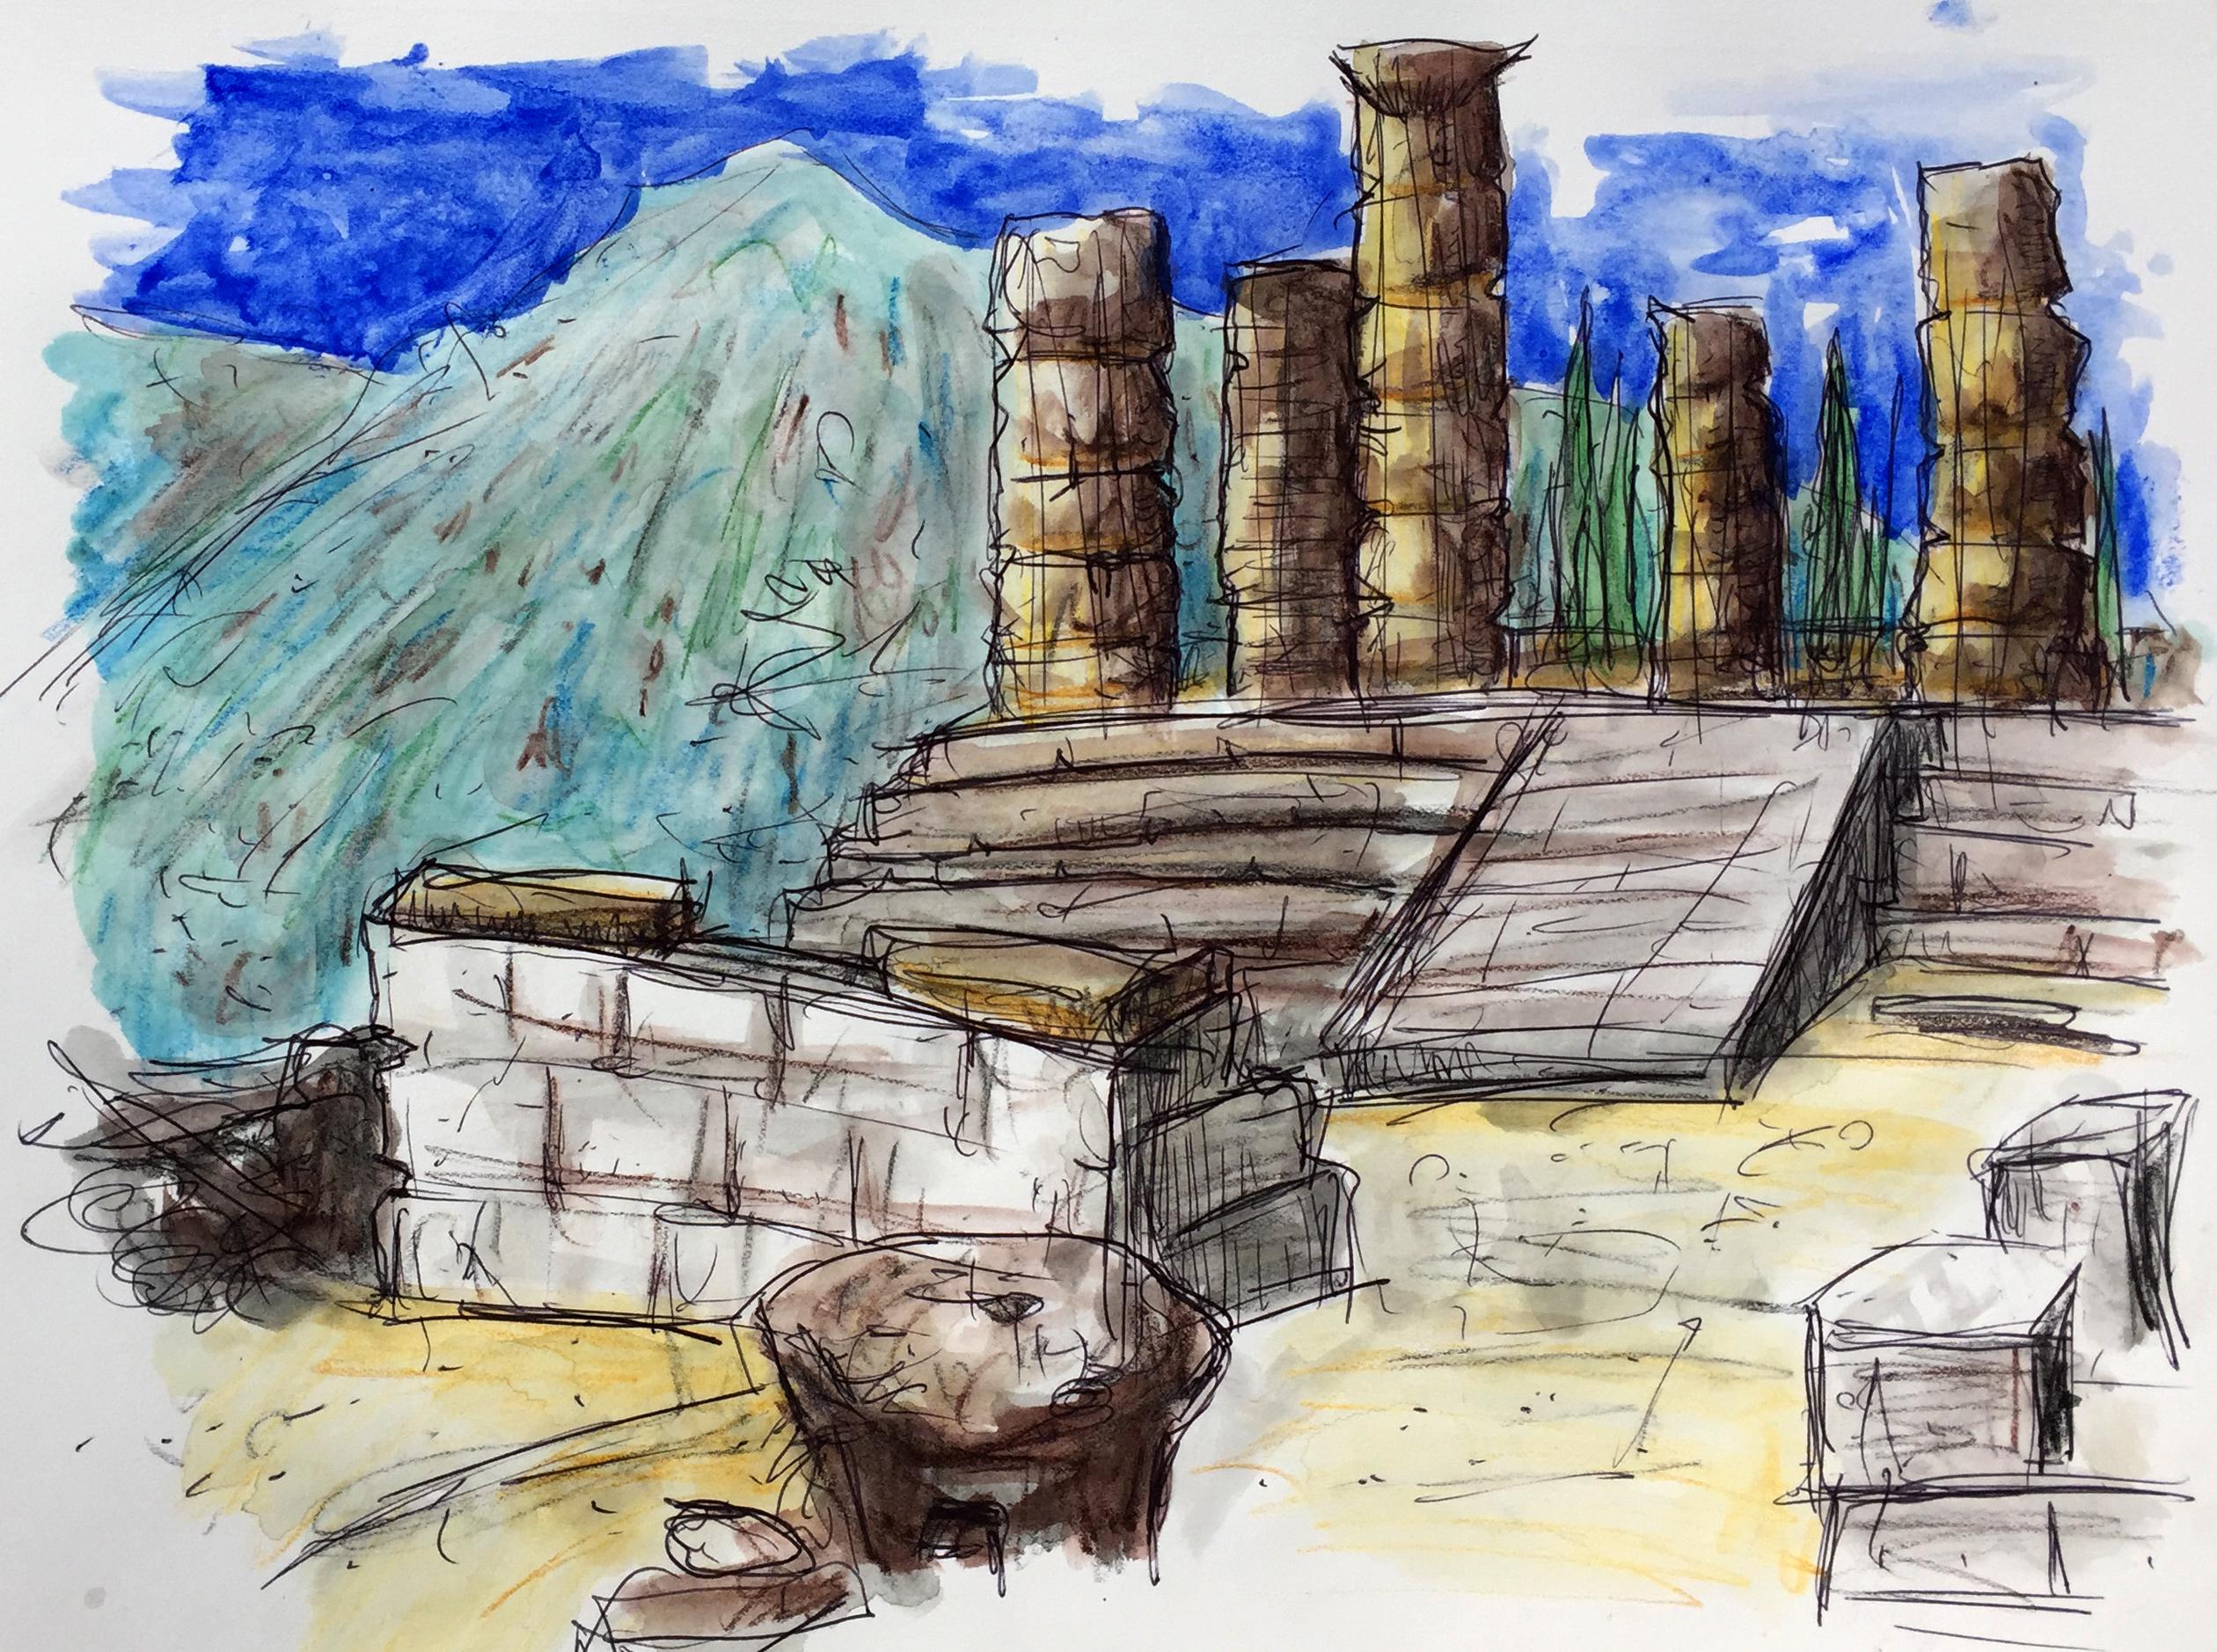 Temple of Apollo - Delphi